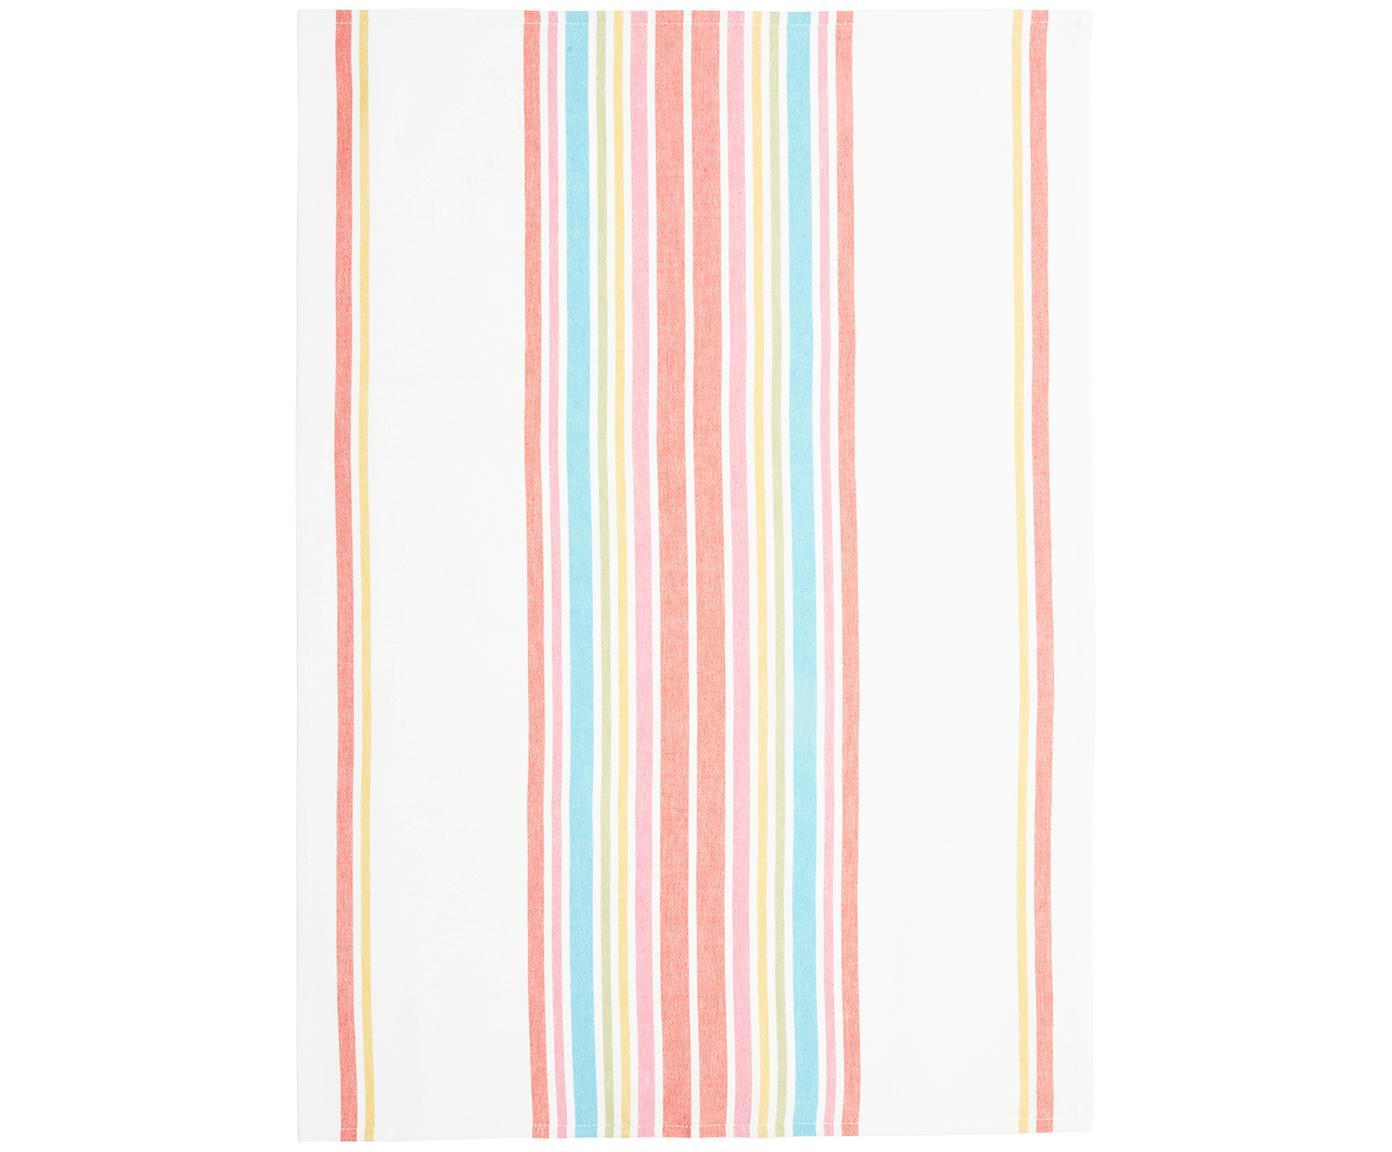 Geschirrtücher Katie, 2 Stück, Baumwolle, Mehrfarbig, 50 x 70 cm